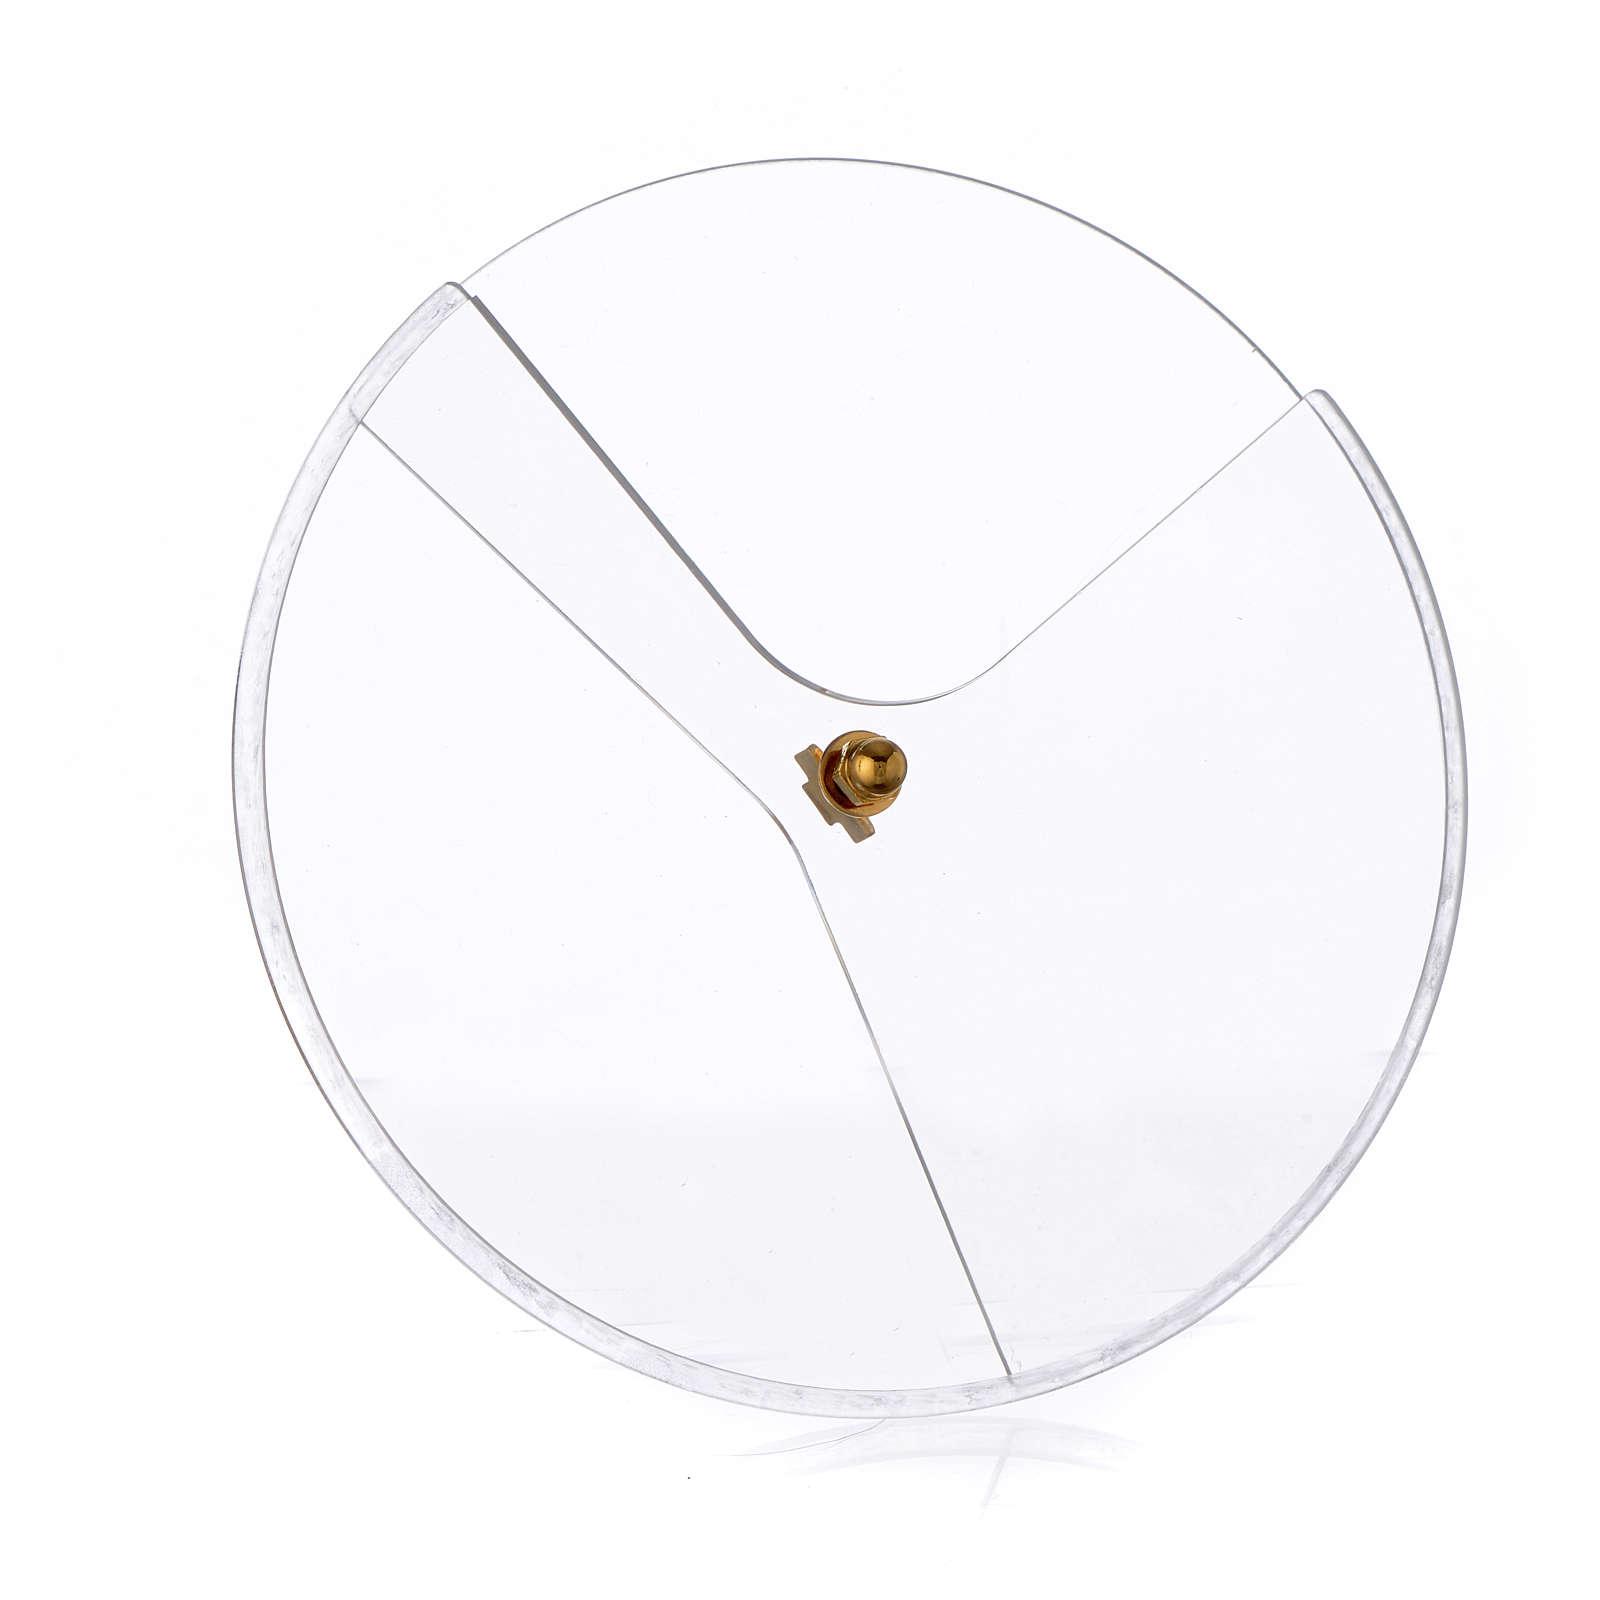 Tapadera plexiglás giratorio para copón diám 14 cm 4